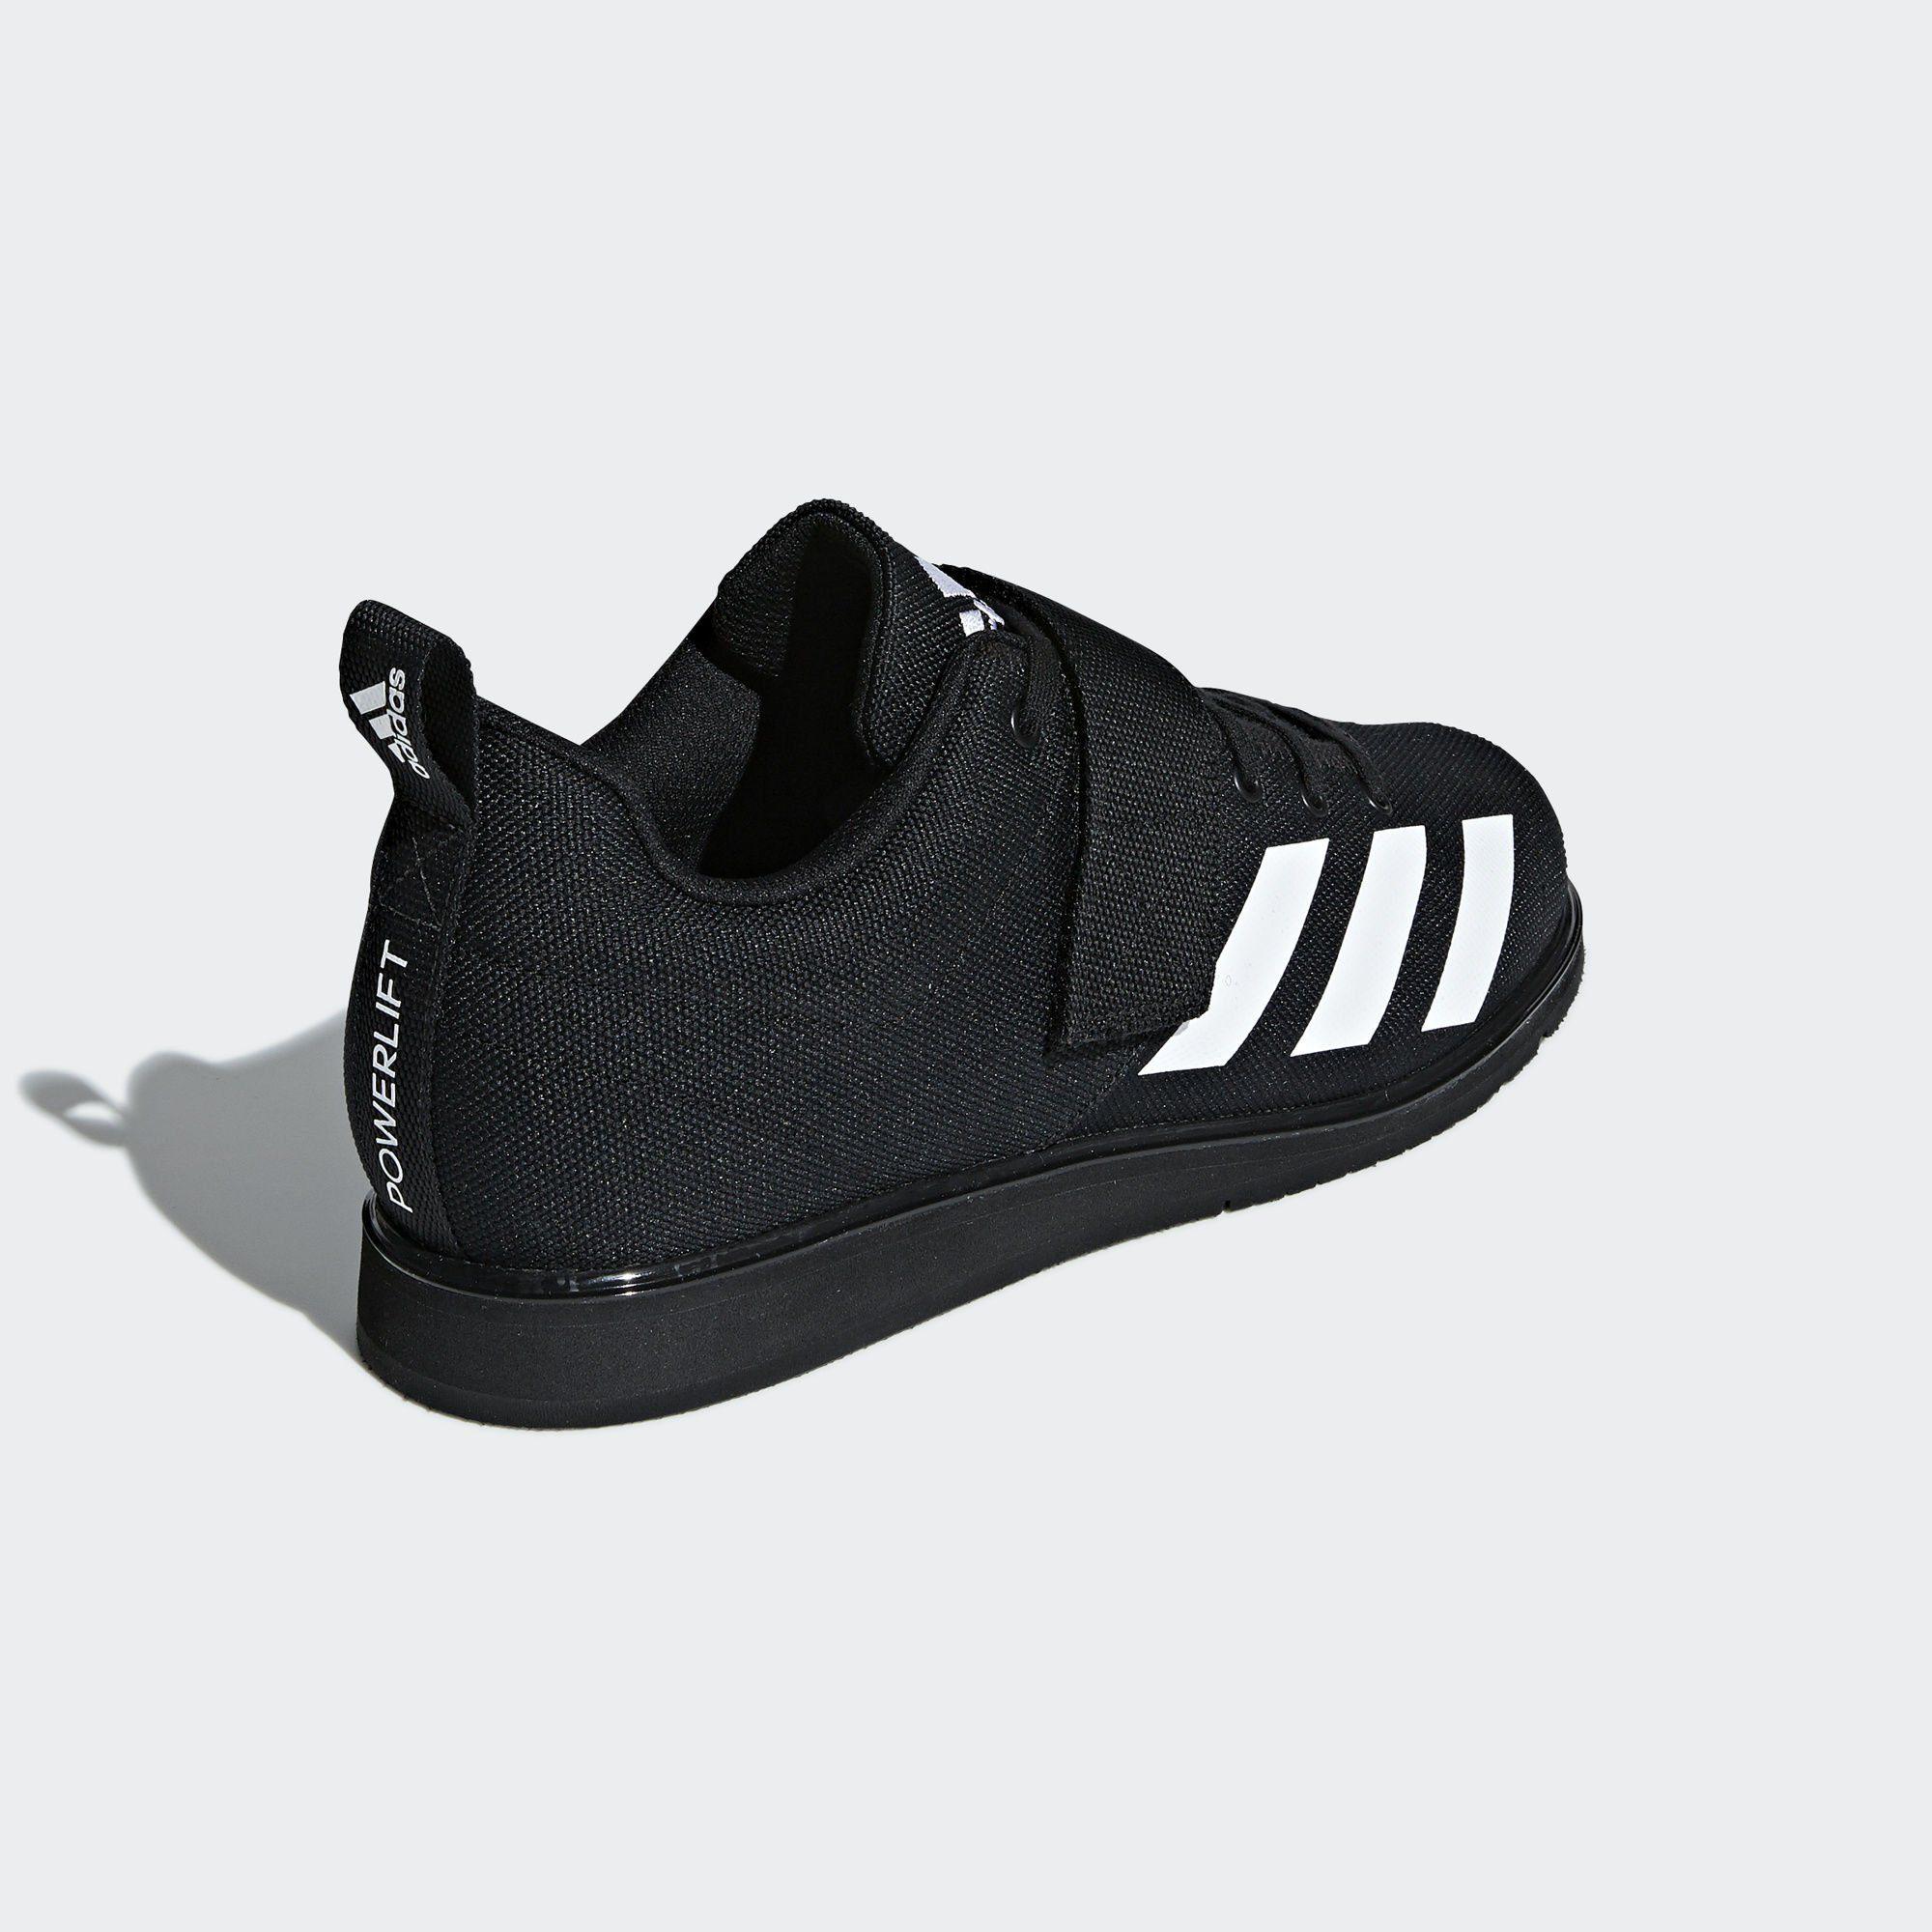 9740621499 Kaufen Fitnessschuh Artikel Adidas Powerlift Schuh nr Black 4 Performance Online qTAfZ